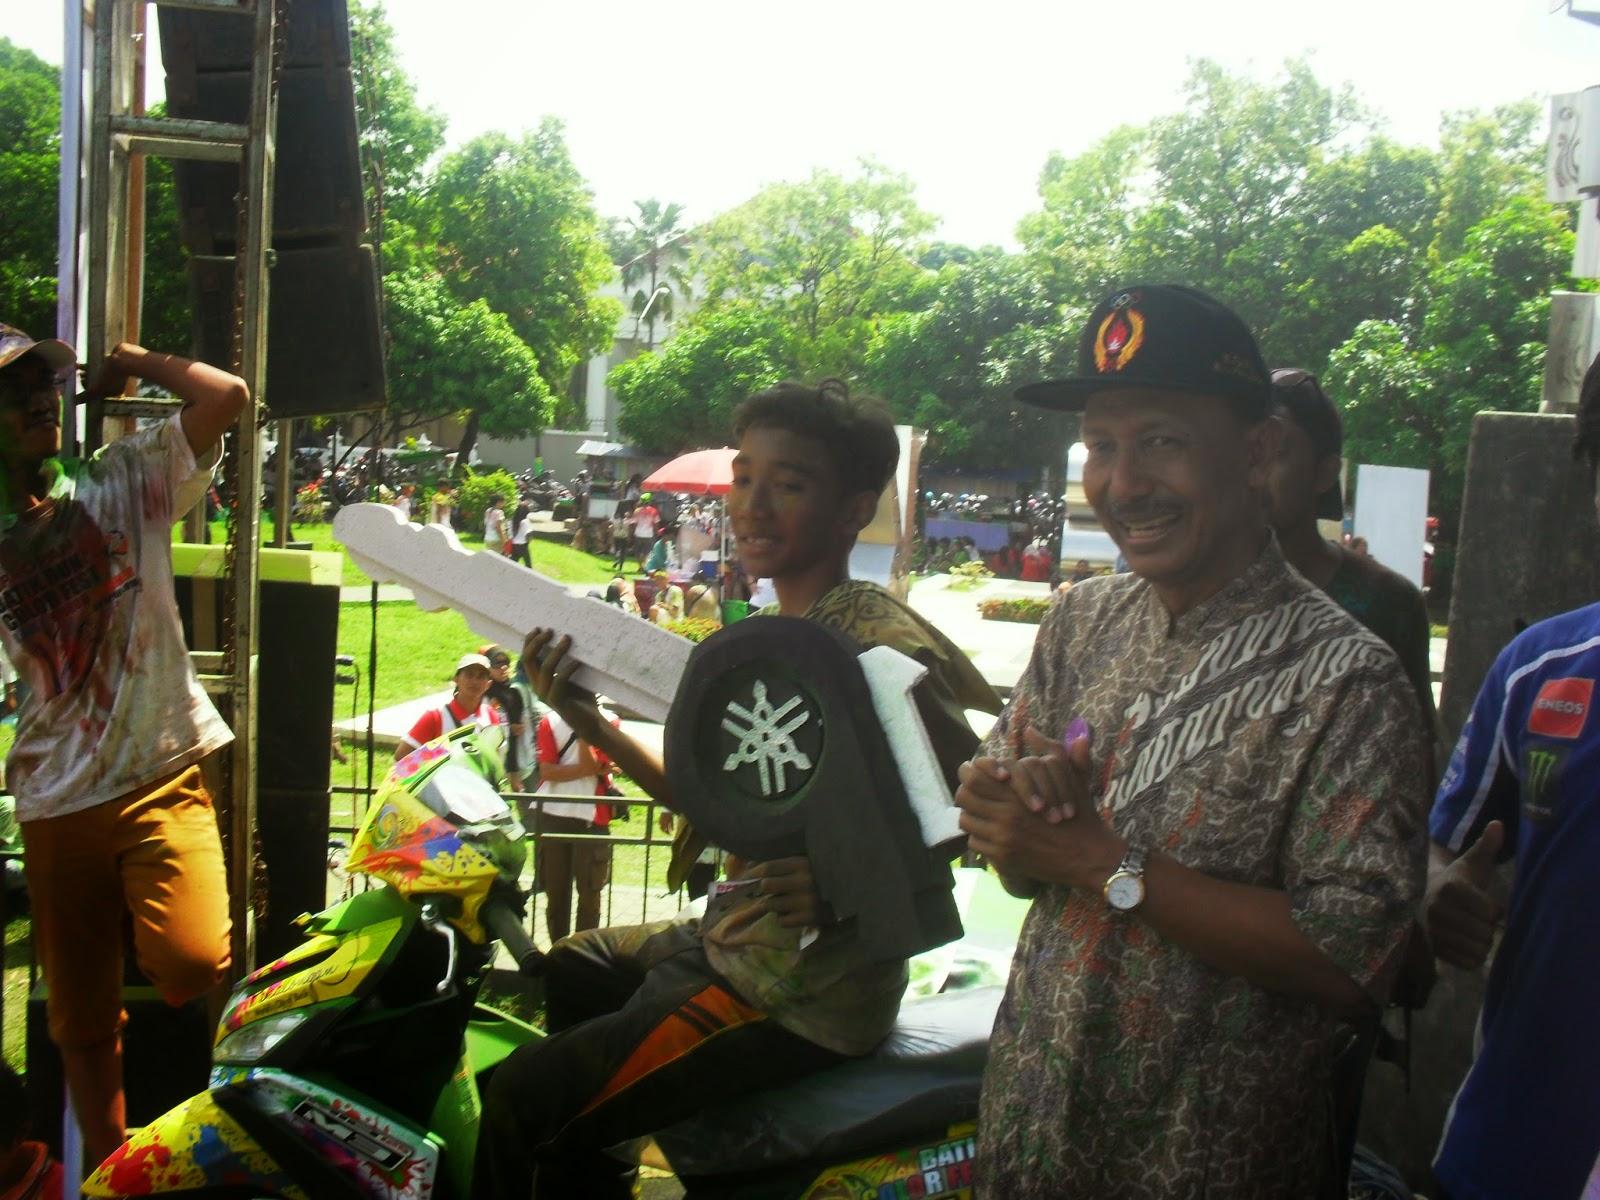 Panitia Colour Run Festival Teledor, Walikota Pekalongan Salah Beri Hadiah Utama